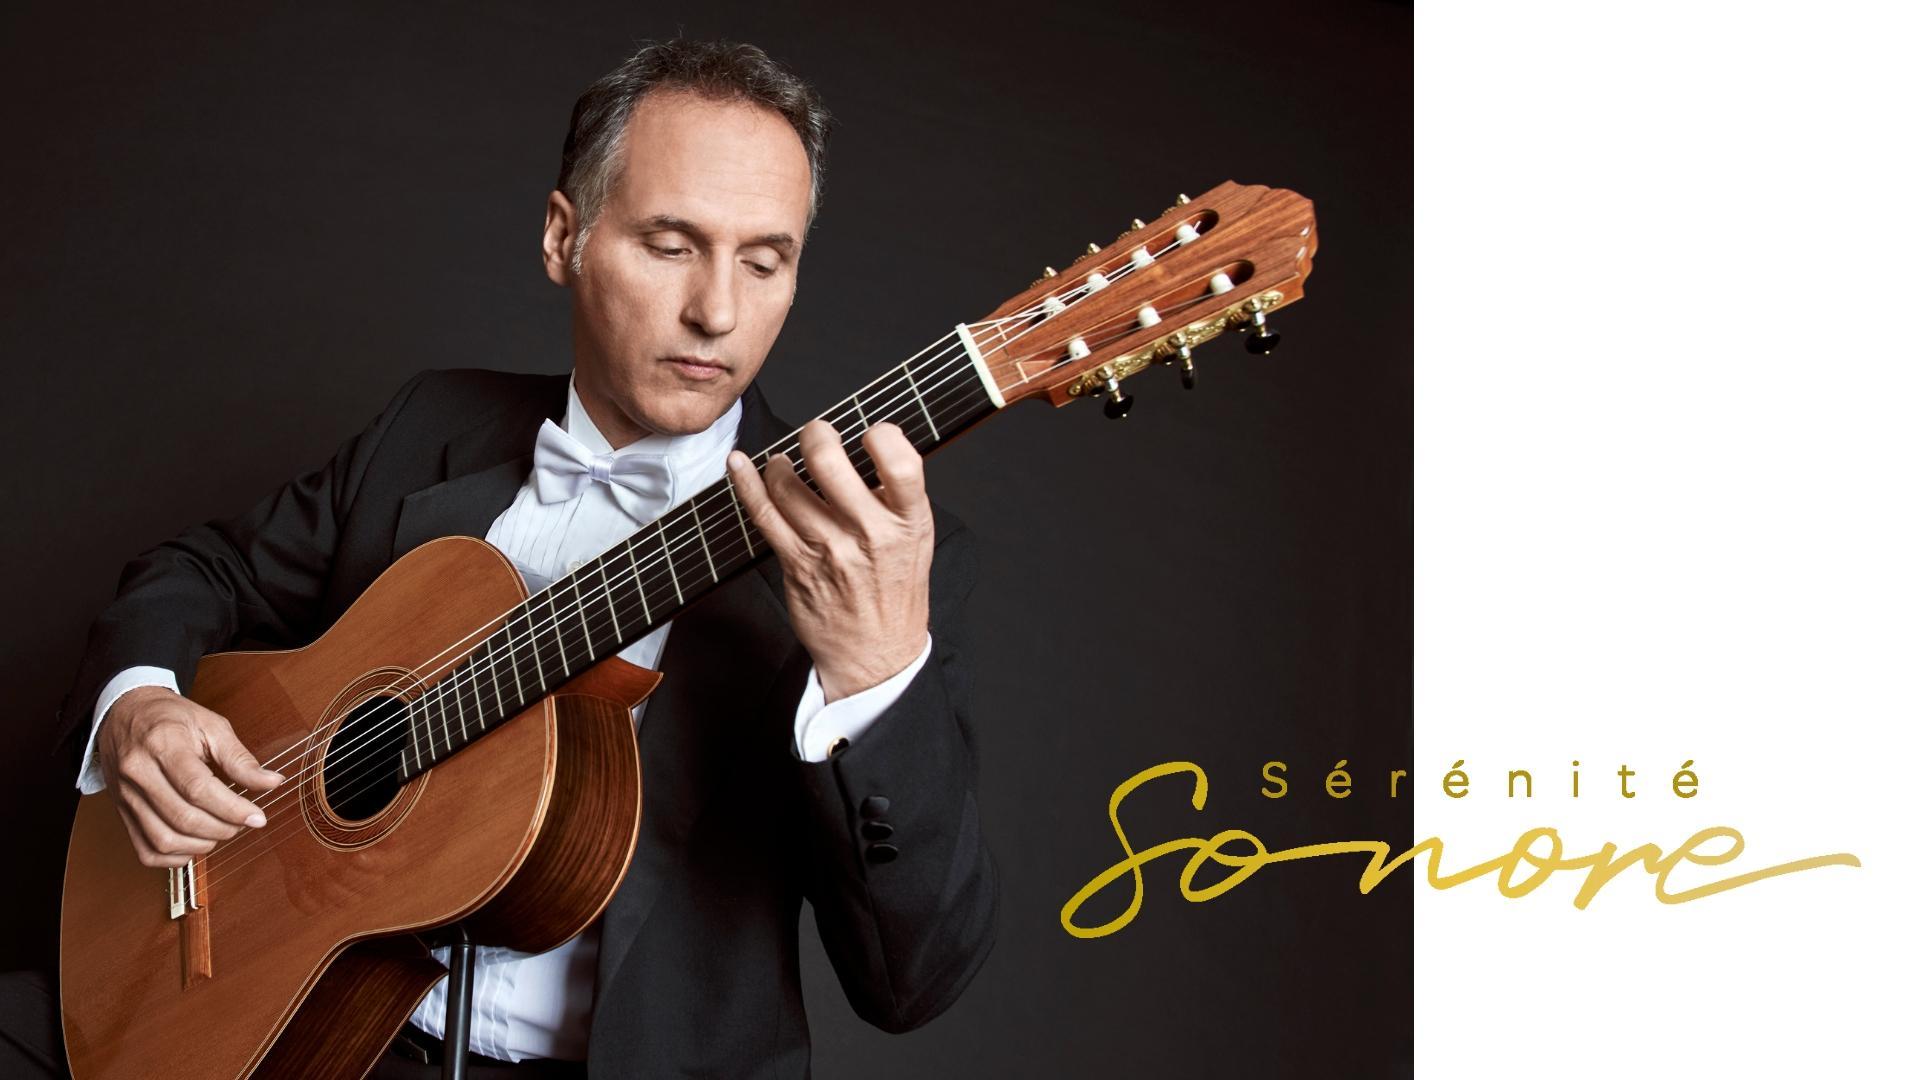 L'Espagne en hamac - Michel Beauchamp, guitariste